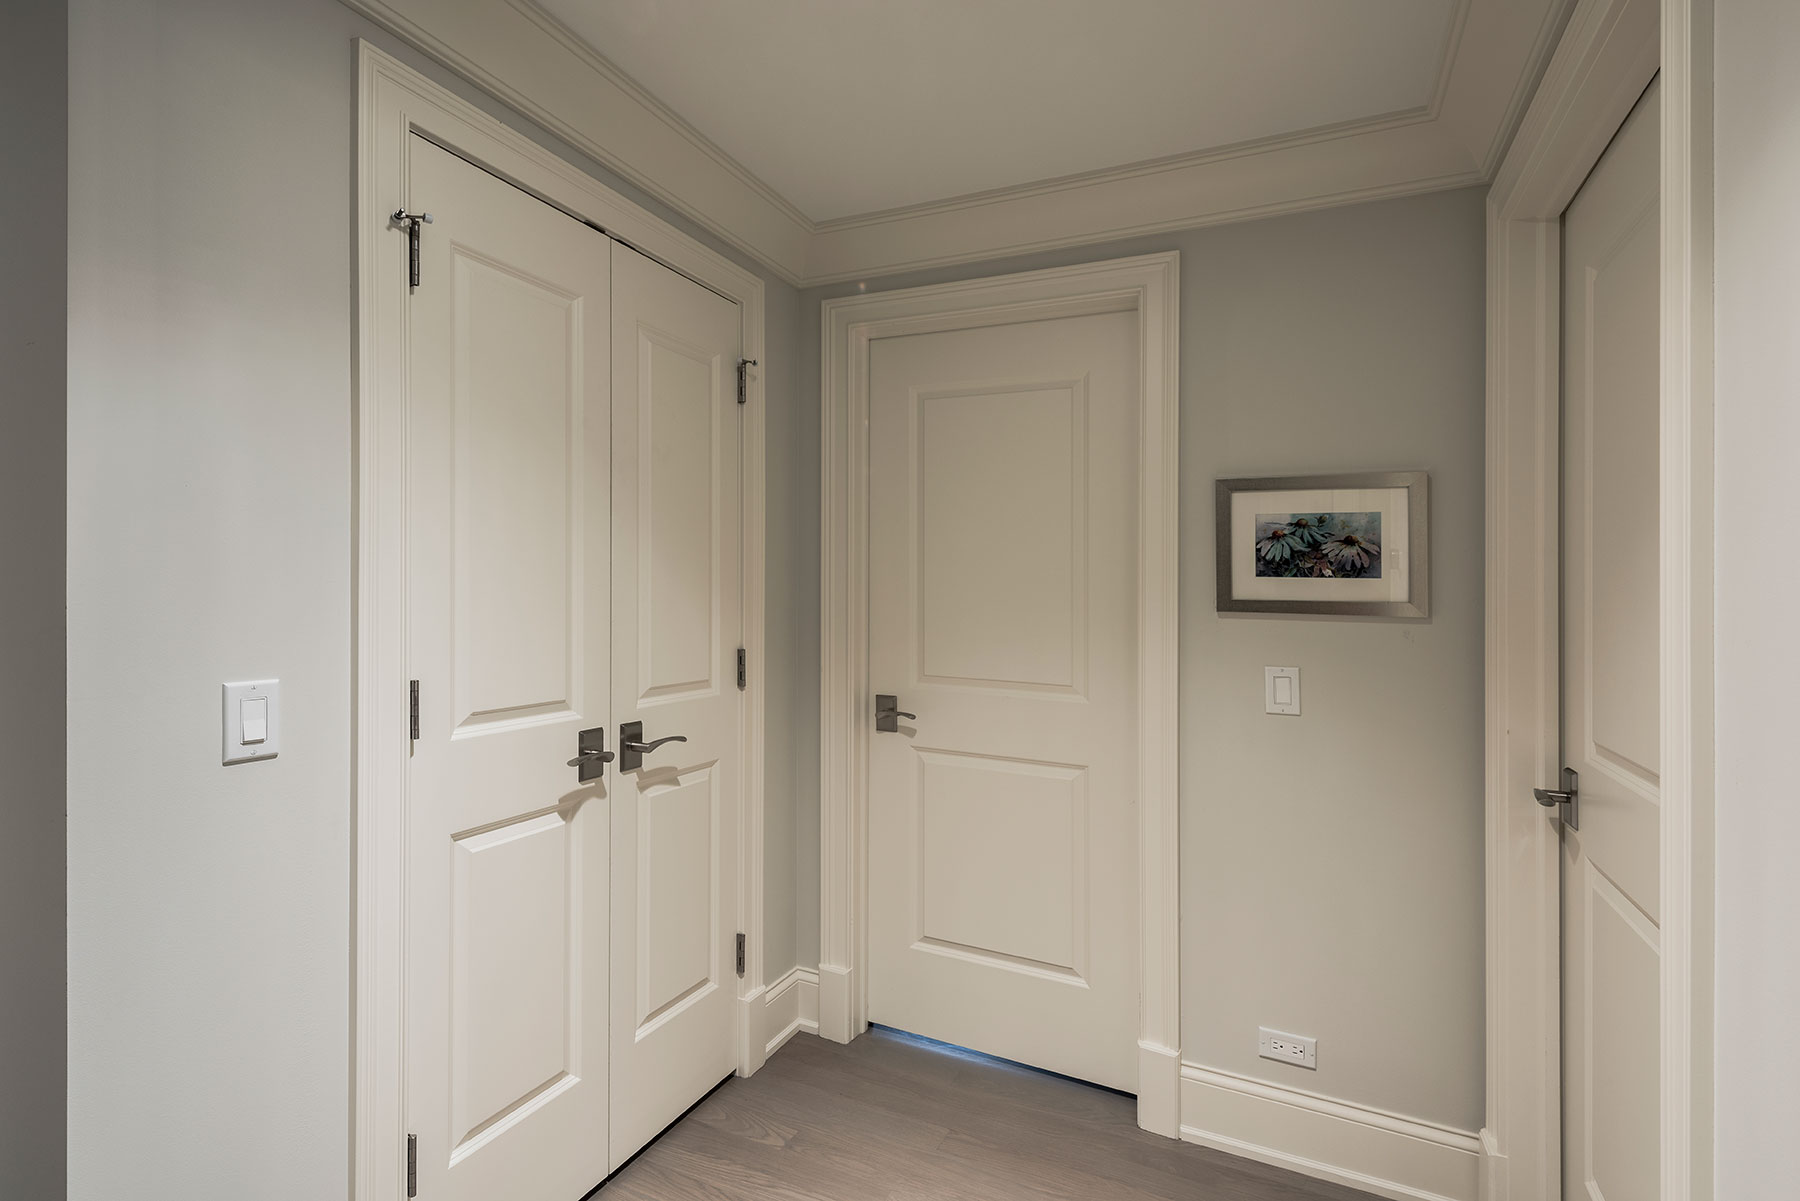 Custom Wood Interior Doors | 2-Panel Paint Grade MDF Doors for Closet and Bedroom Entrances  - Glenview Doors - Custom Doors in Chicago